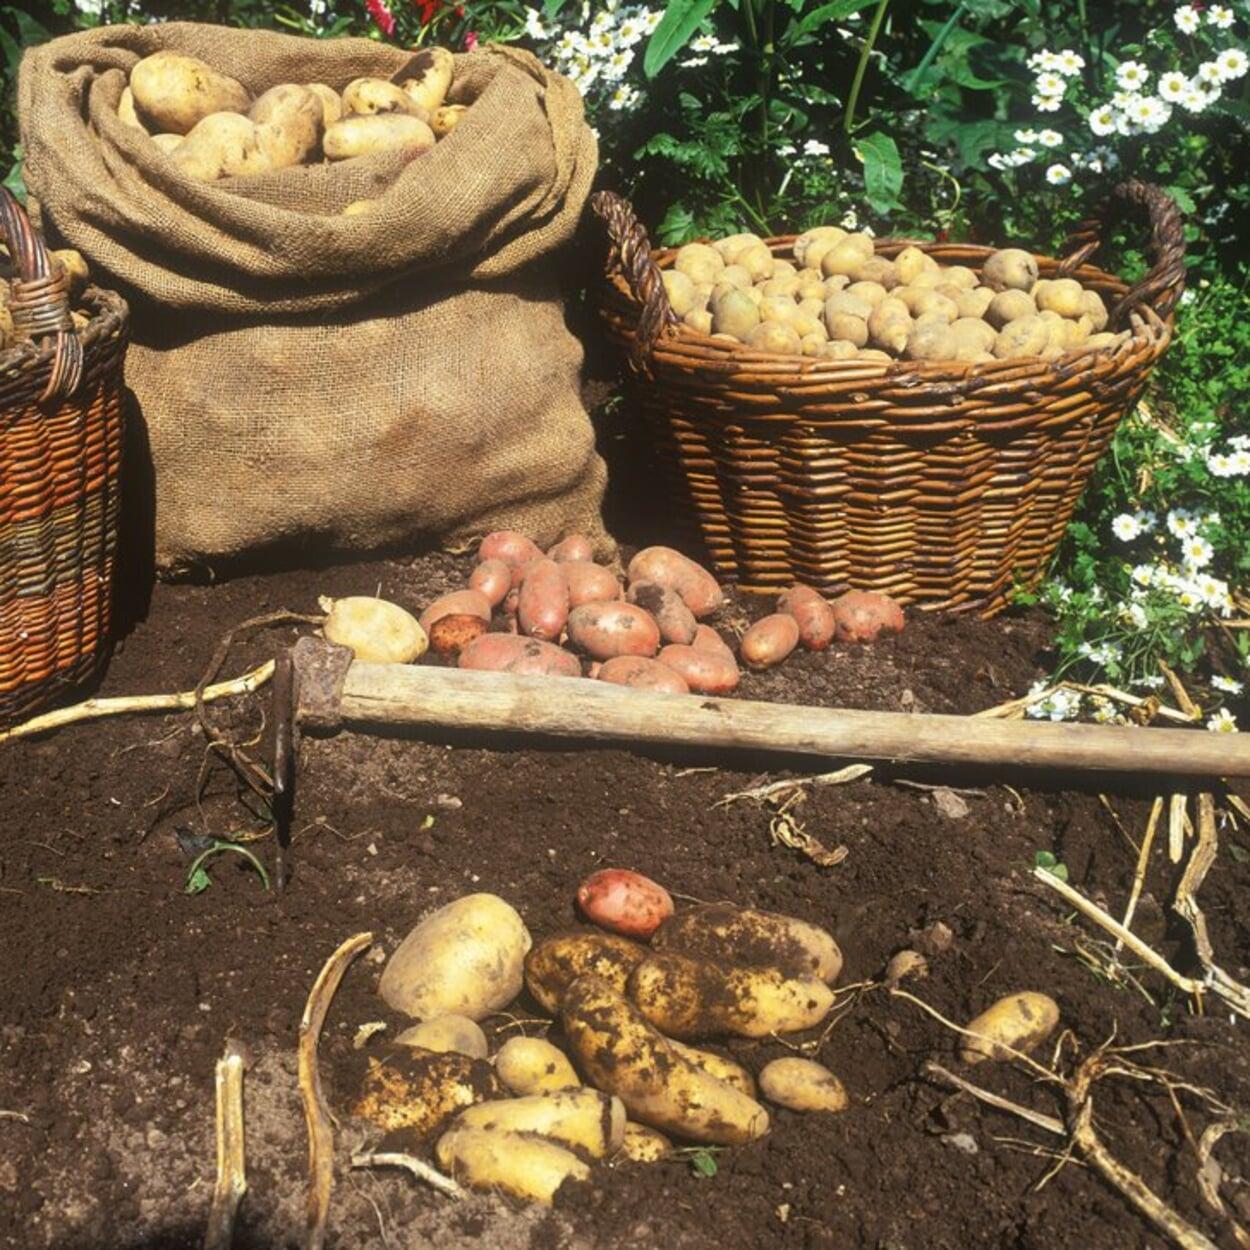 Kartoffeln in Körbe oder Säcke füllen